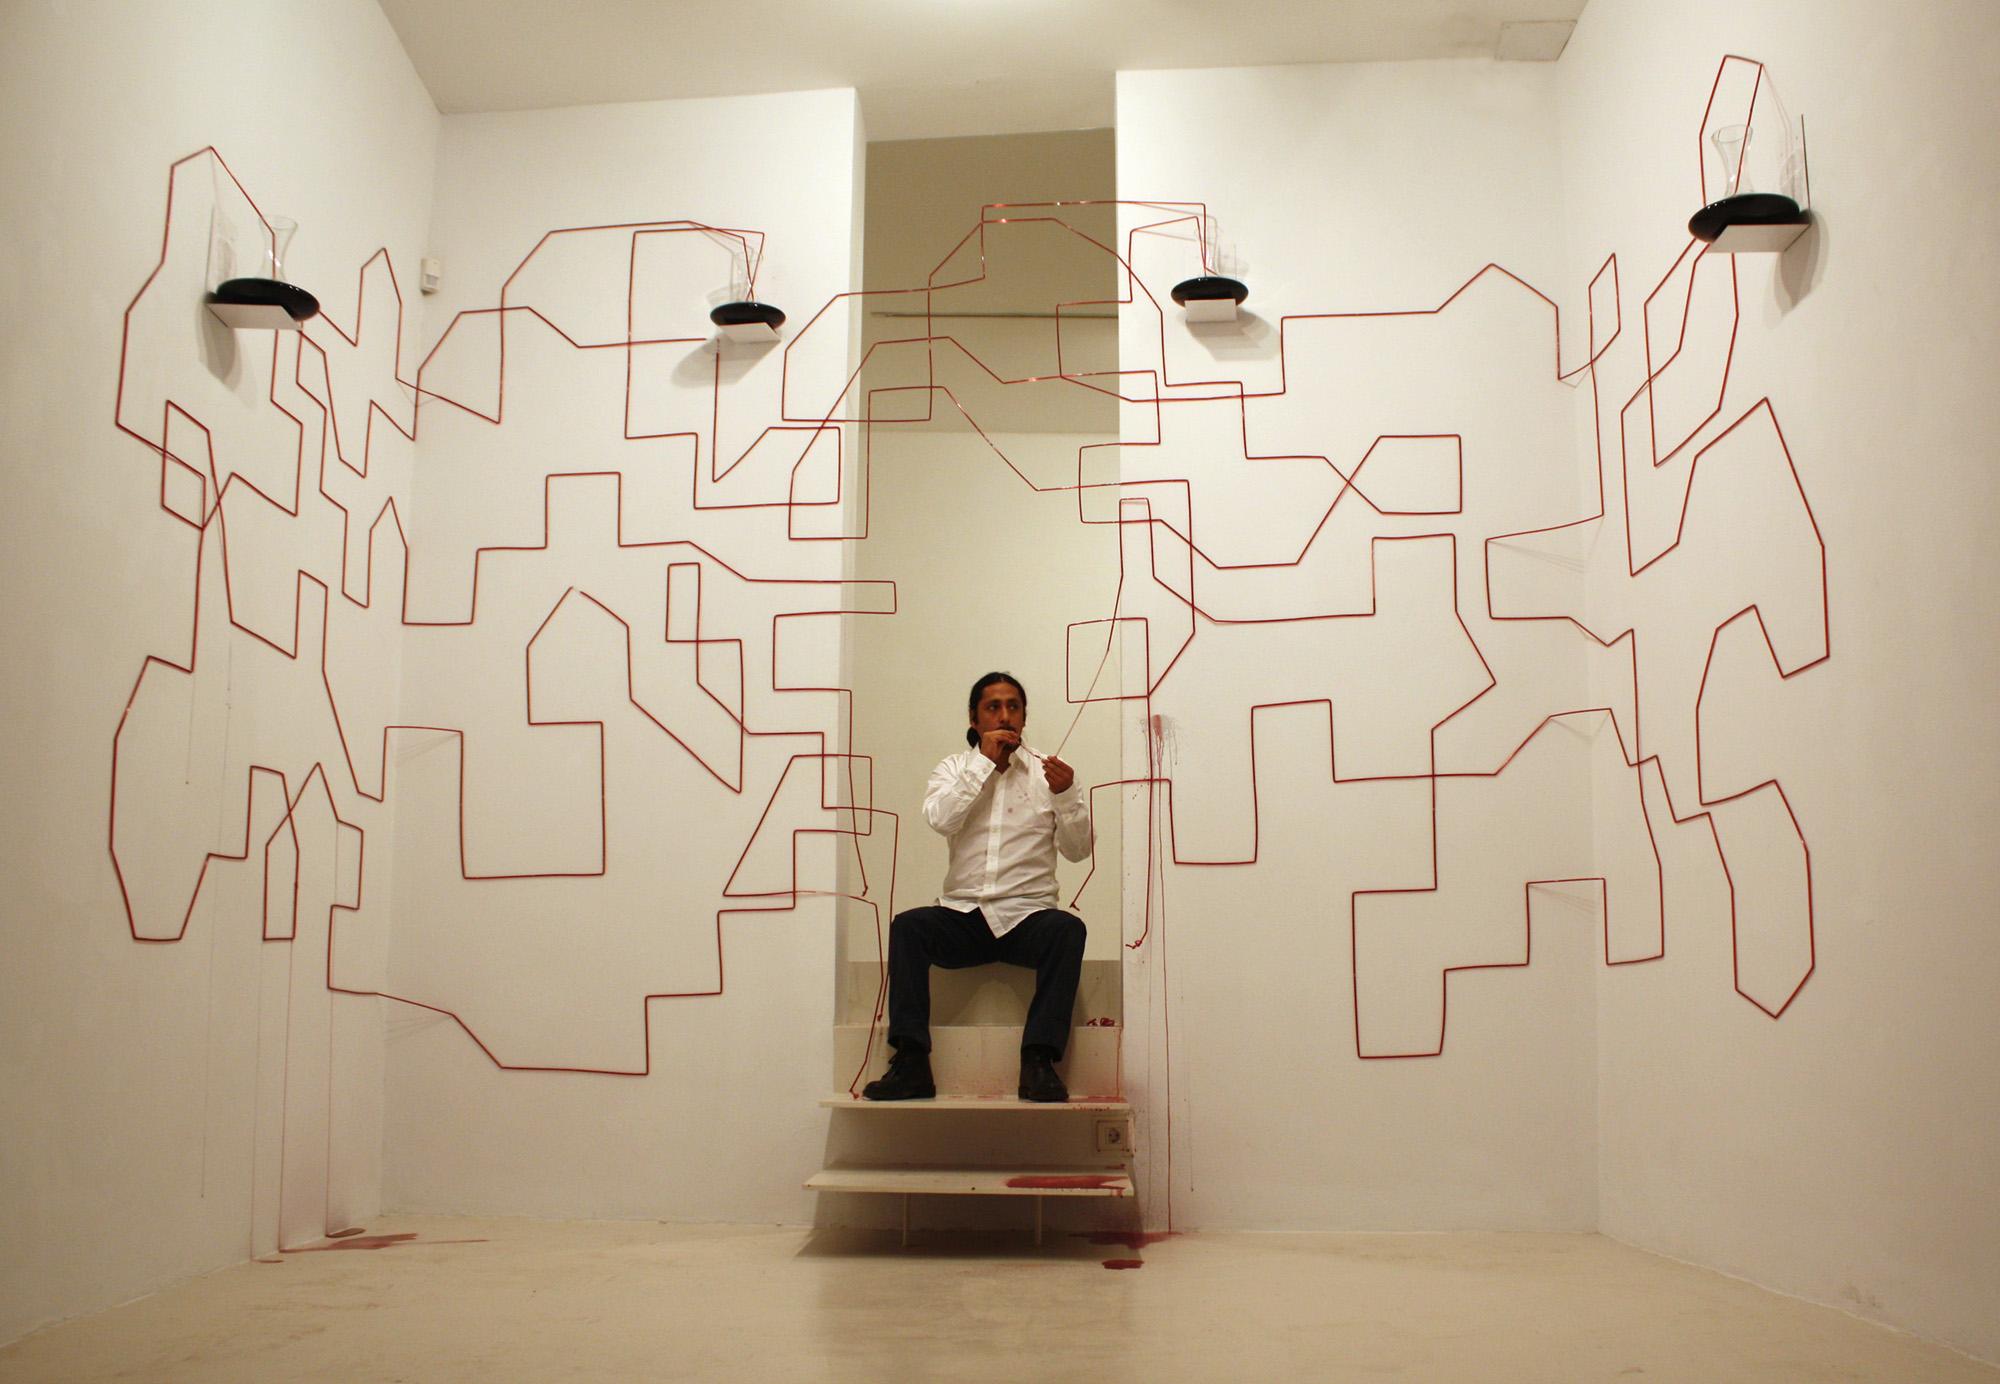 Performance e instalación La Circulación del Pensamiento, Palma 2011